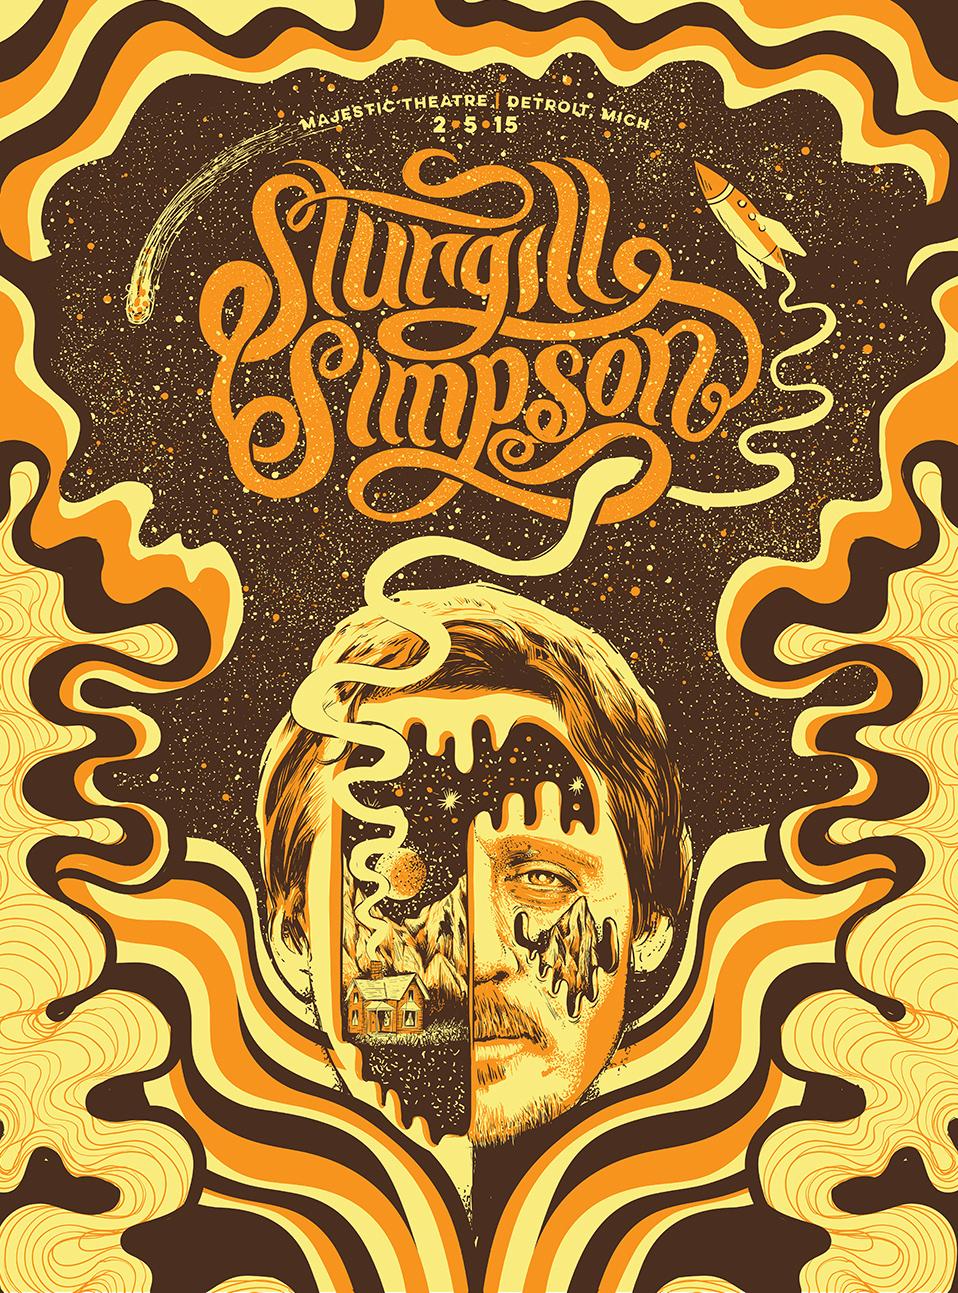 Sturgill_Simpson_Feb5.jpg